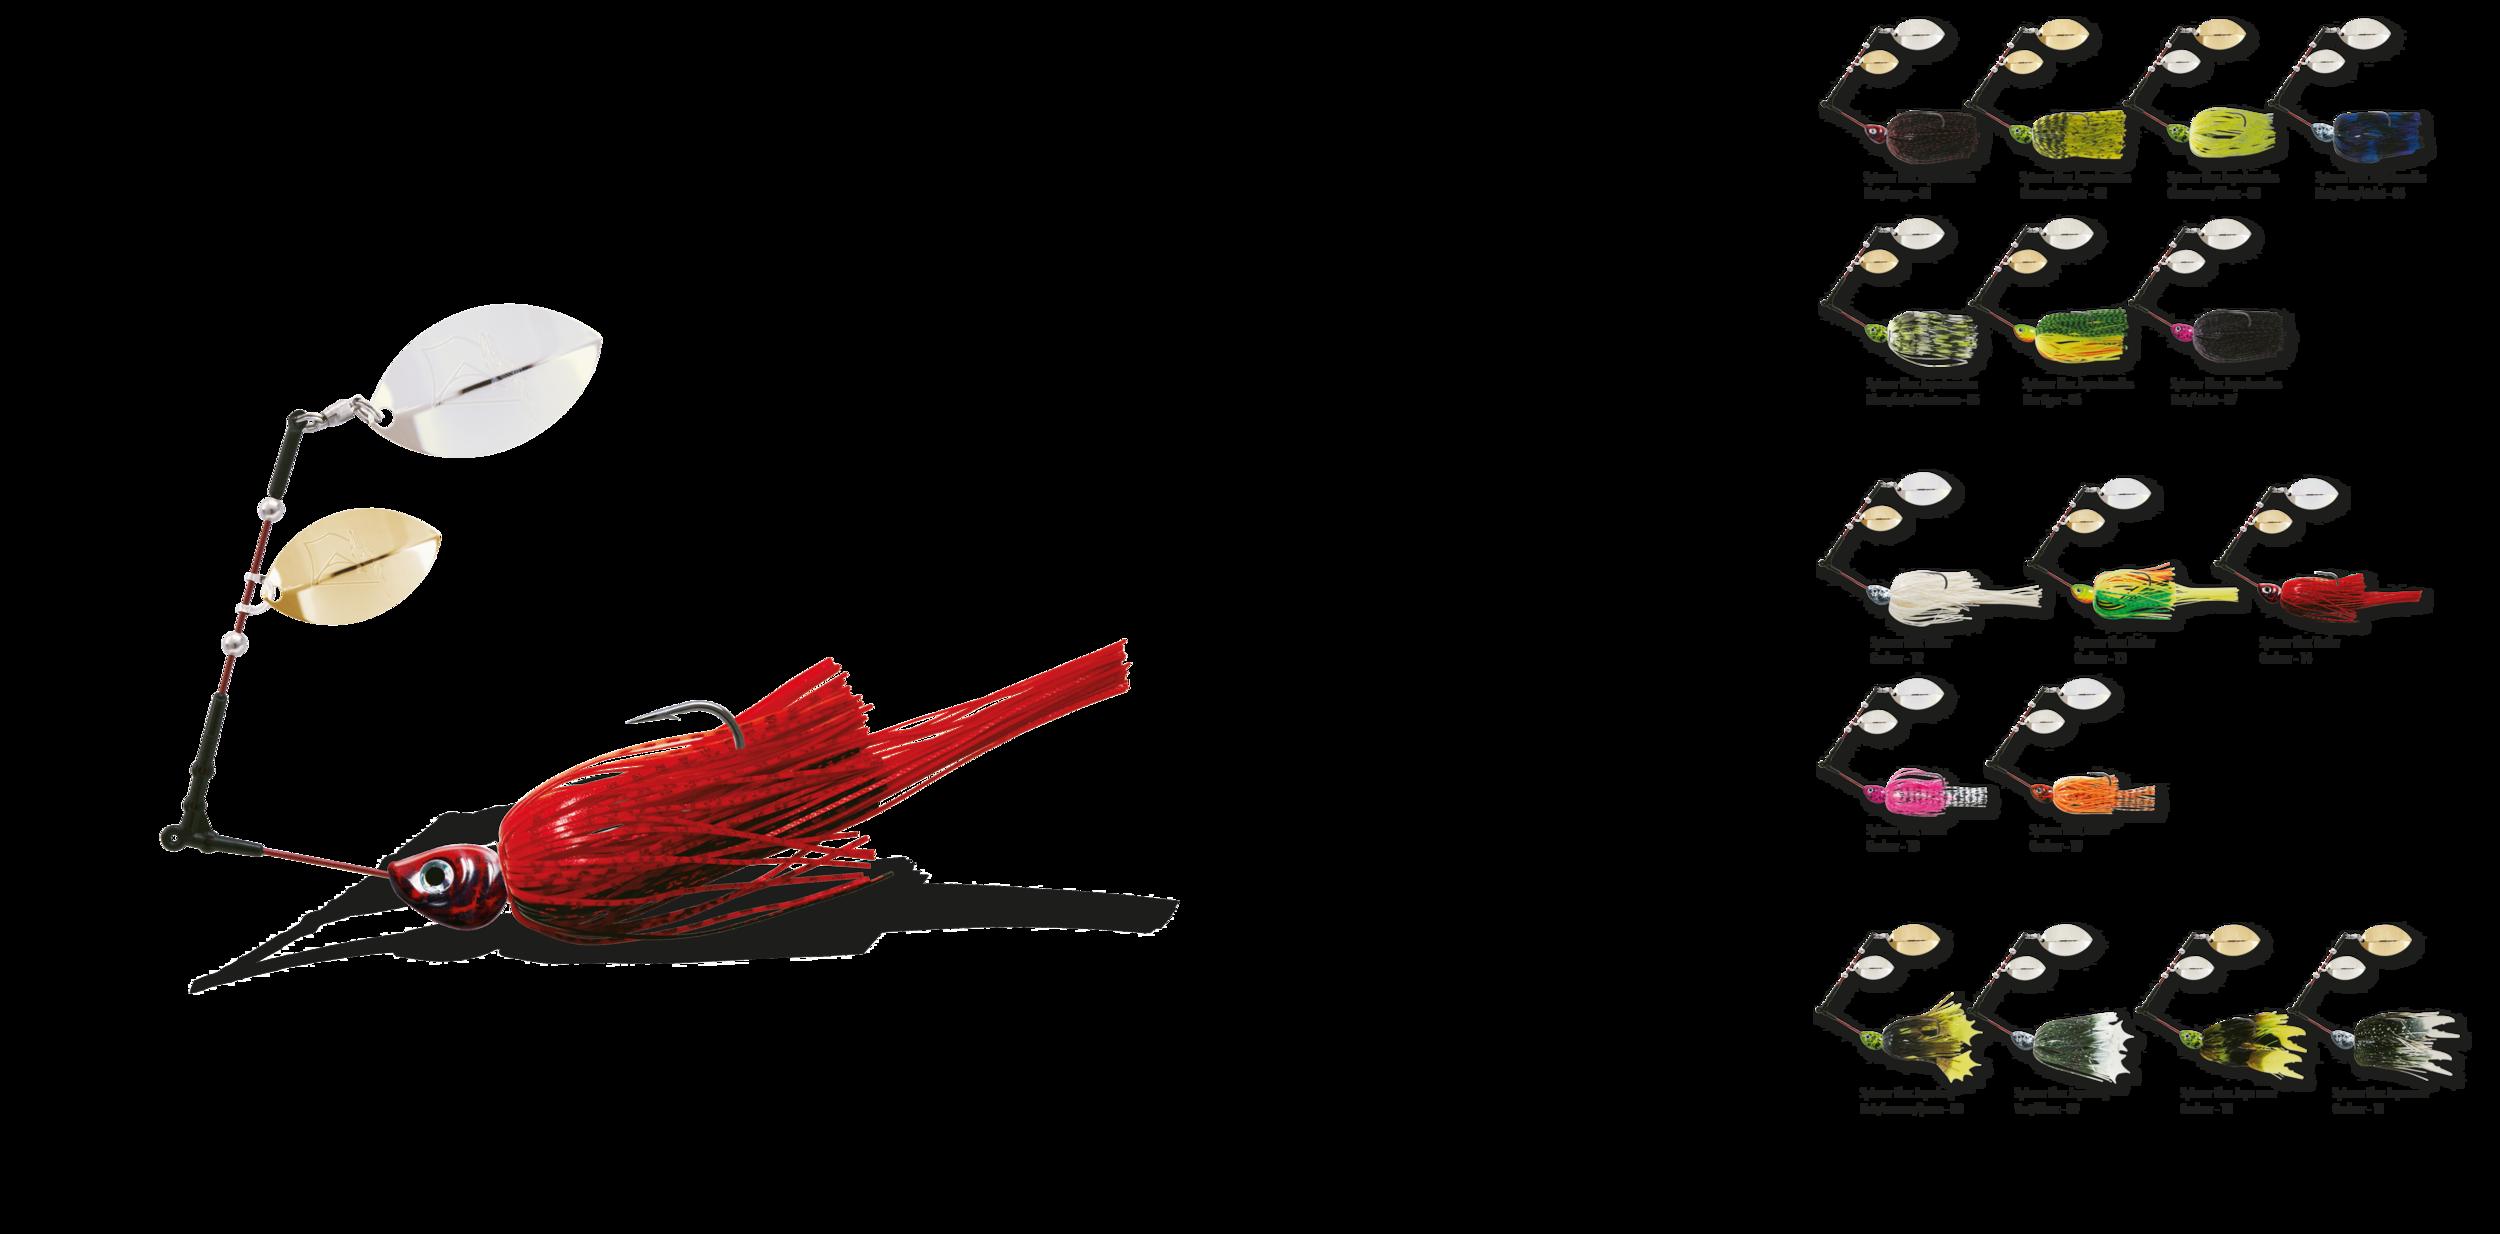 1 DELALANDE SPINNER FLEX V2 10g/14g/21g